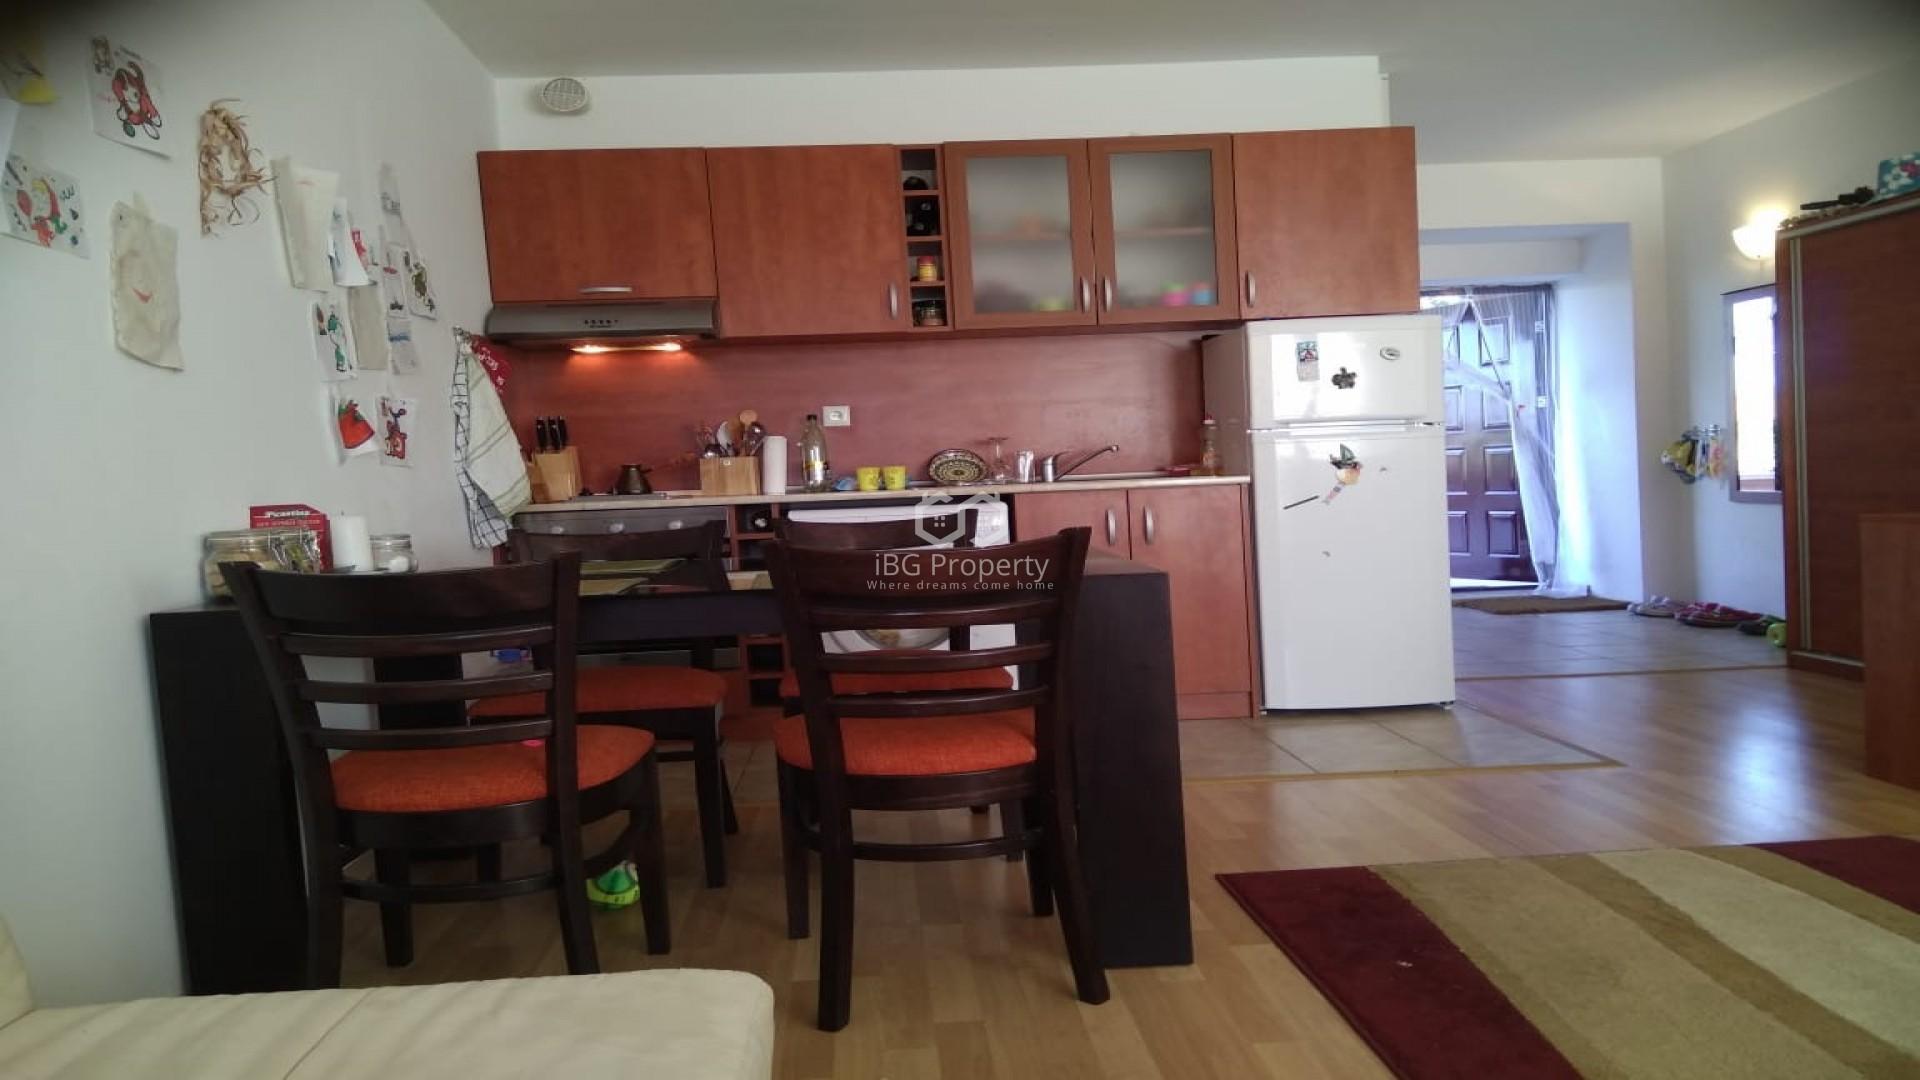 ЕКСКЛУЗИВНО ПРЕДЛОЖЕНИЕ! Eдностаен апартамент Бяла  52 m2